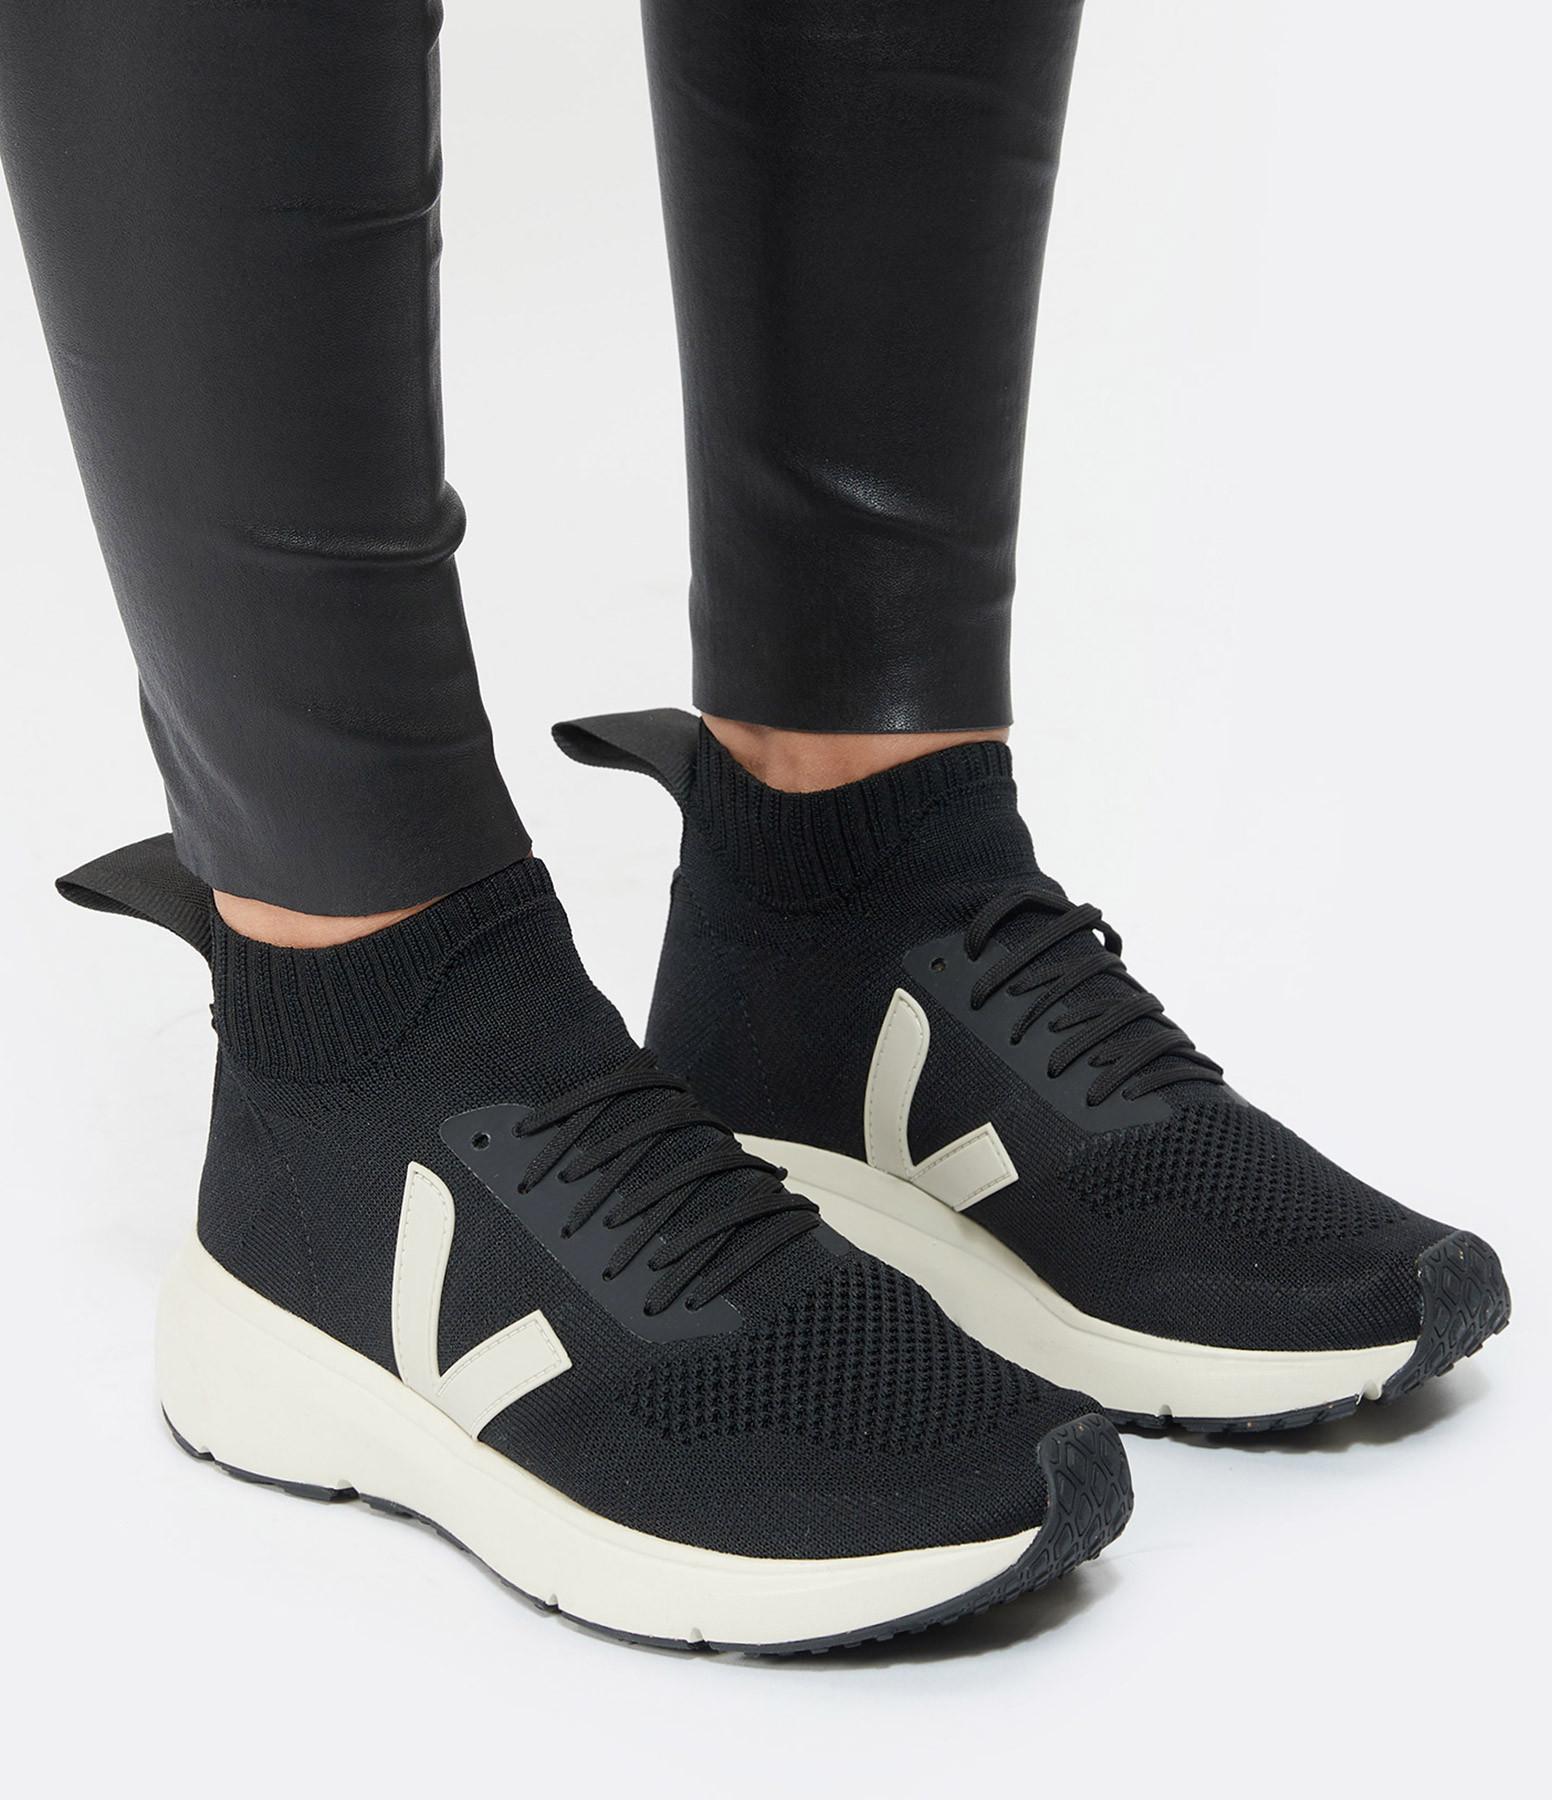 VEJA - Baskets Runner Style Mid V-Knit Noir Gris